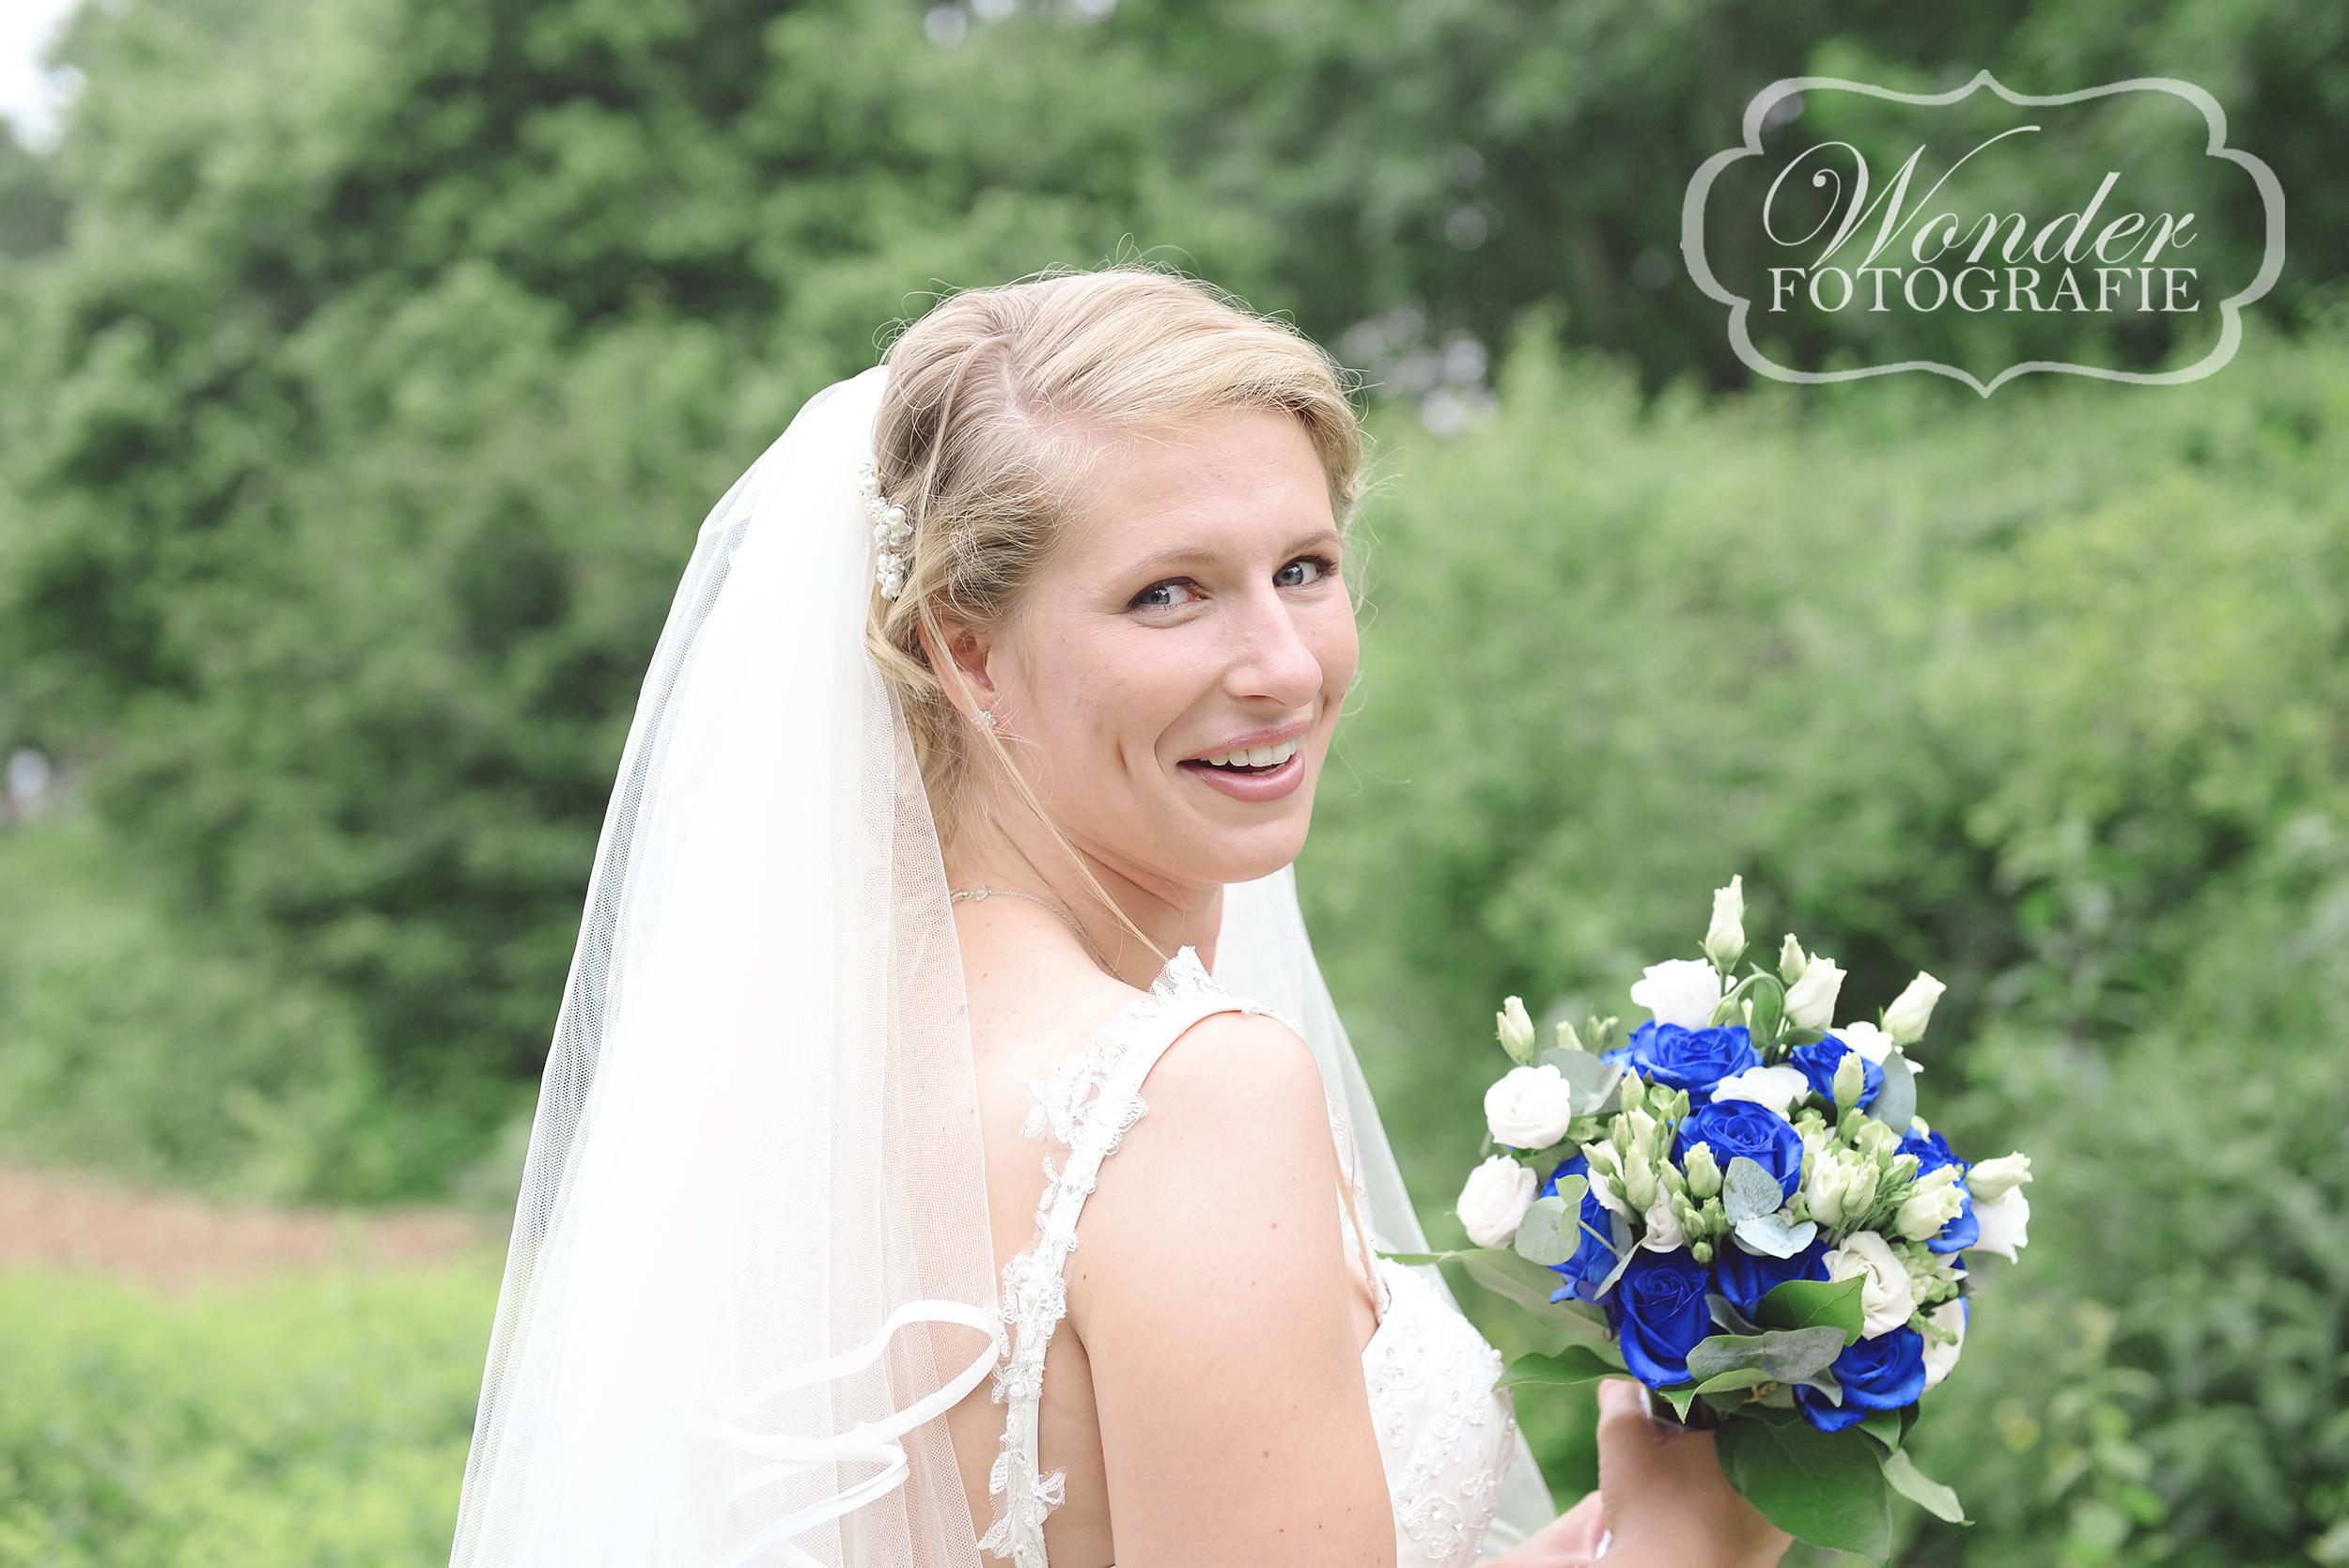 Bruidsfotograaf Trouwfotograaf Fotograaf Bruiloft Flevoland Noord Holland Gooi Almere01